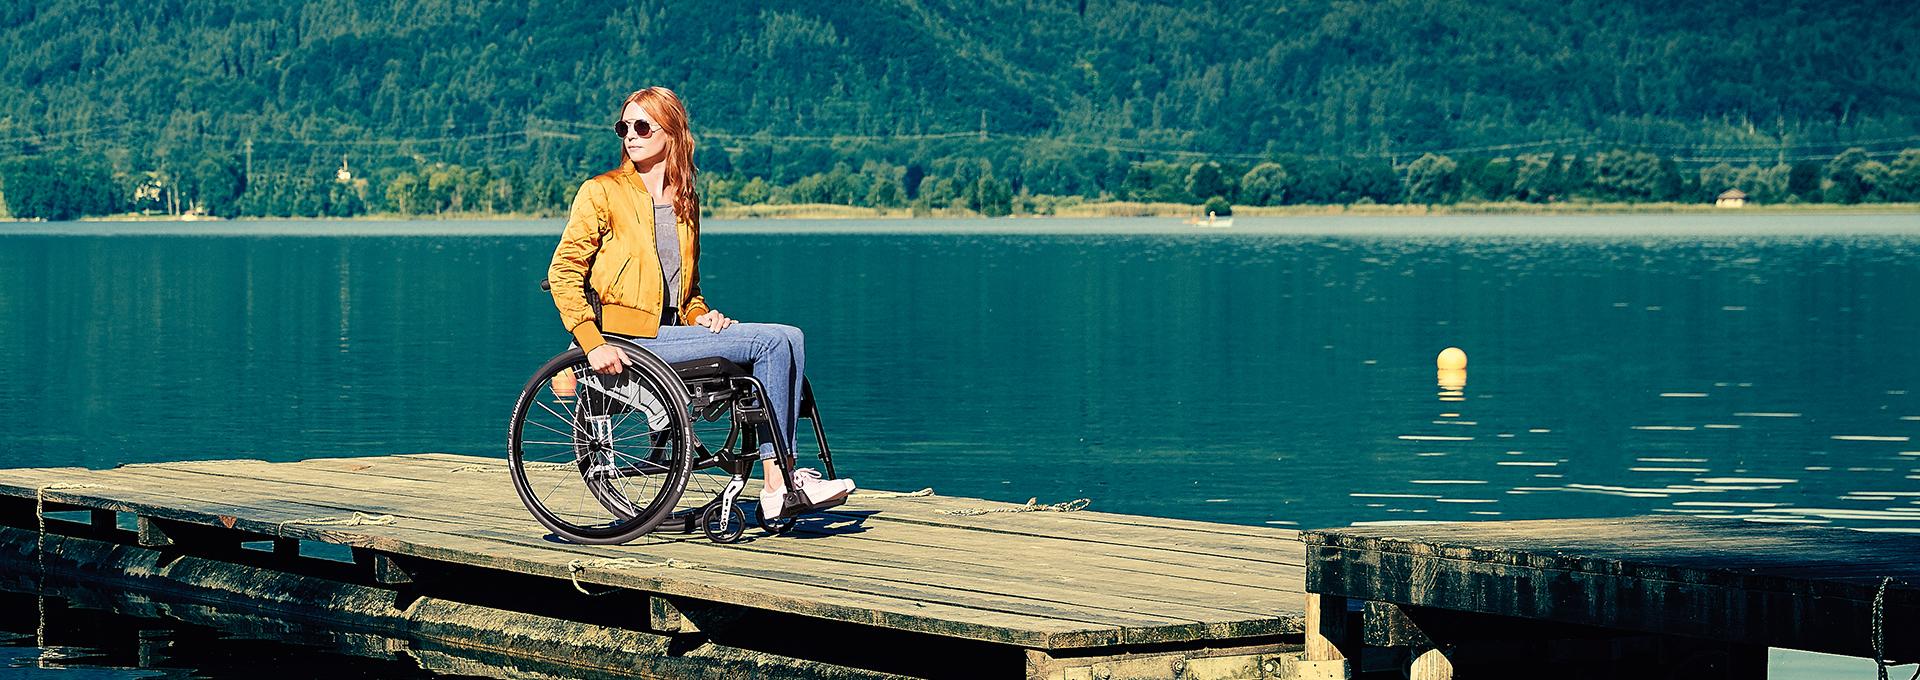 DIETZ_Bild_Rollstuhl_AS01_See_Frau_01